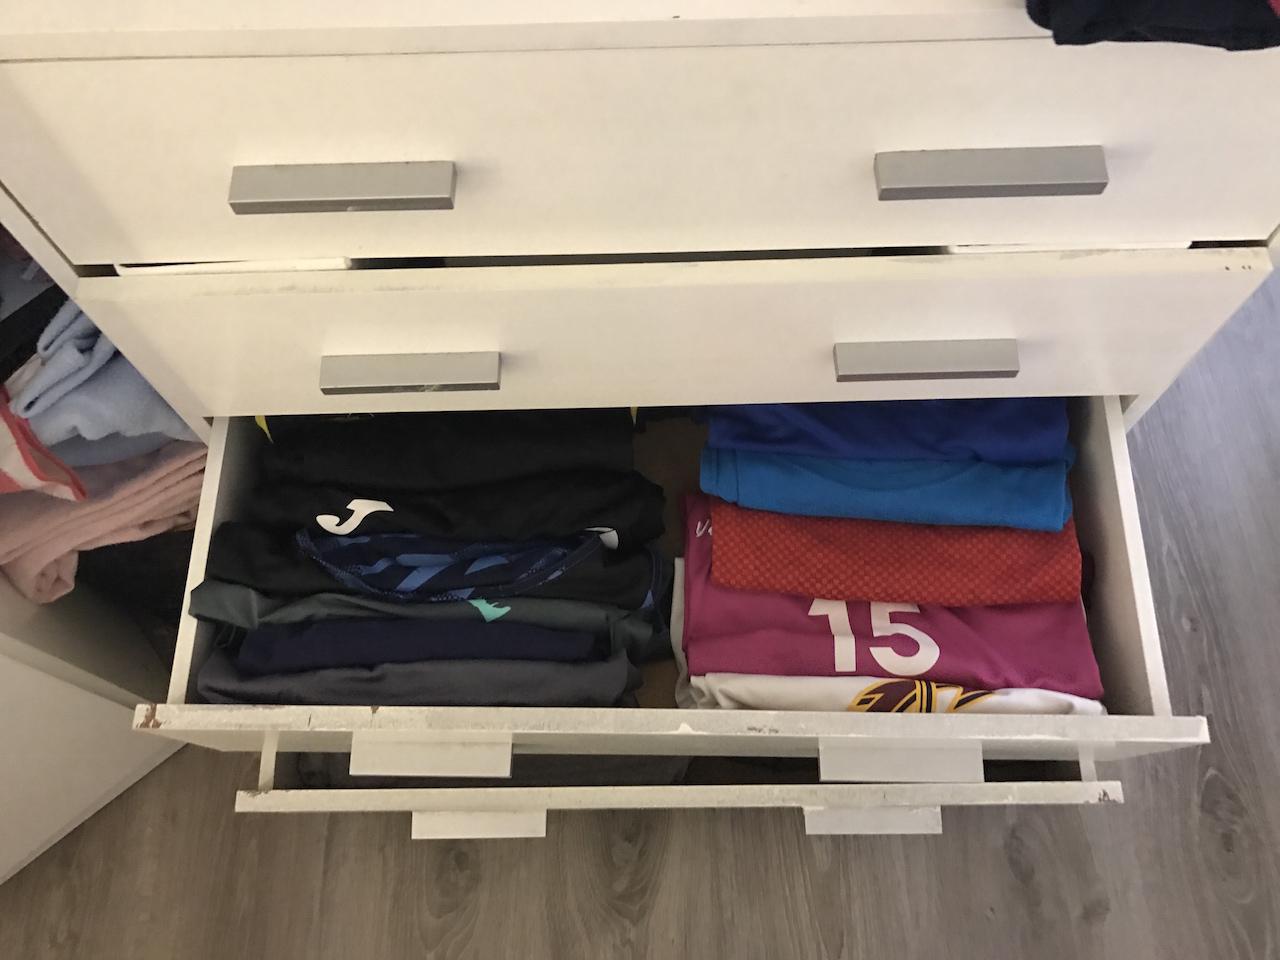 camisetas-ordenadas